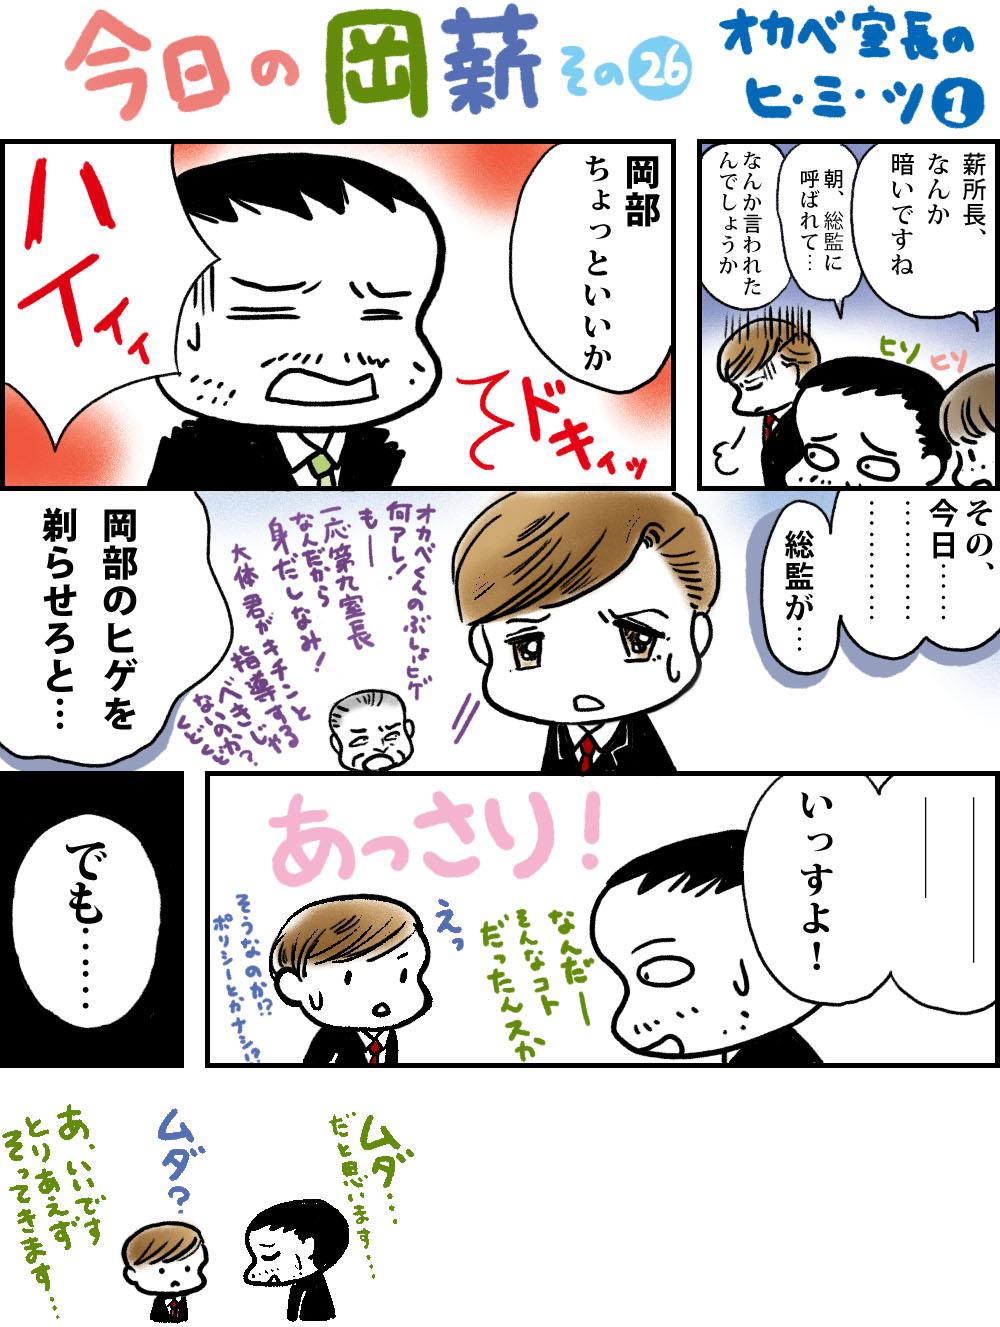 kyounookamaki26-1.jpg